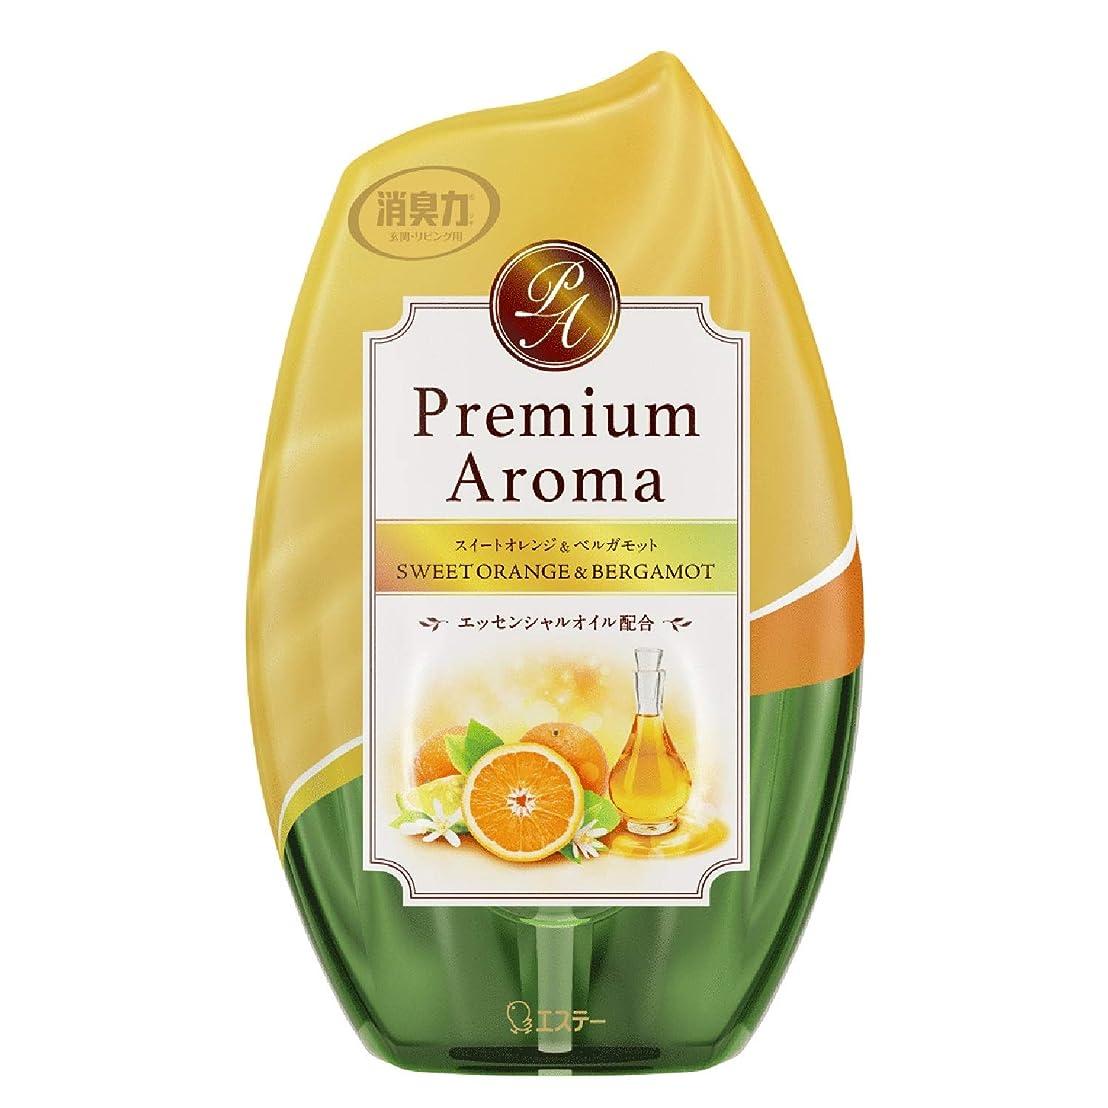 好ましい電極政府お部屋の消臭力 プレミアムアロマ Premium Aroma 消臭芳香剤 部屋用 部屋 スイートオレンジ&ベルガモットの香り 400ml